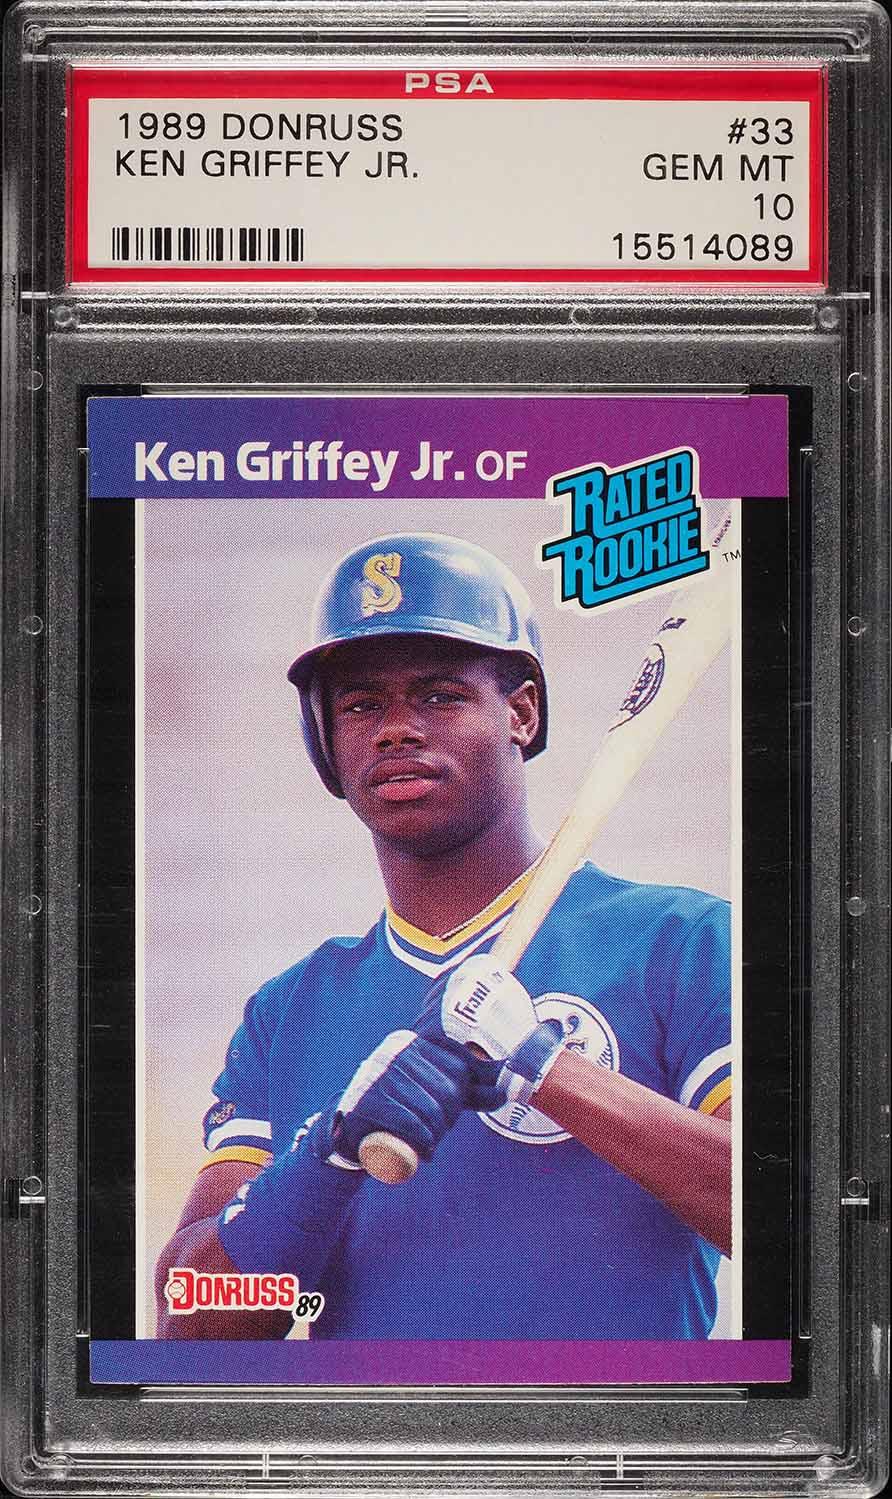 Image of: 1989 Donruss Ken Griffey Jr. ROOKIE RC #33 PSA 10 GEM MINT (PWCC)